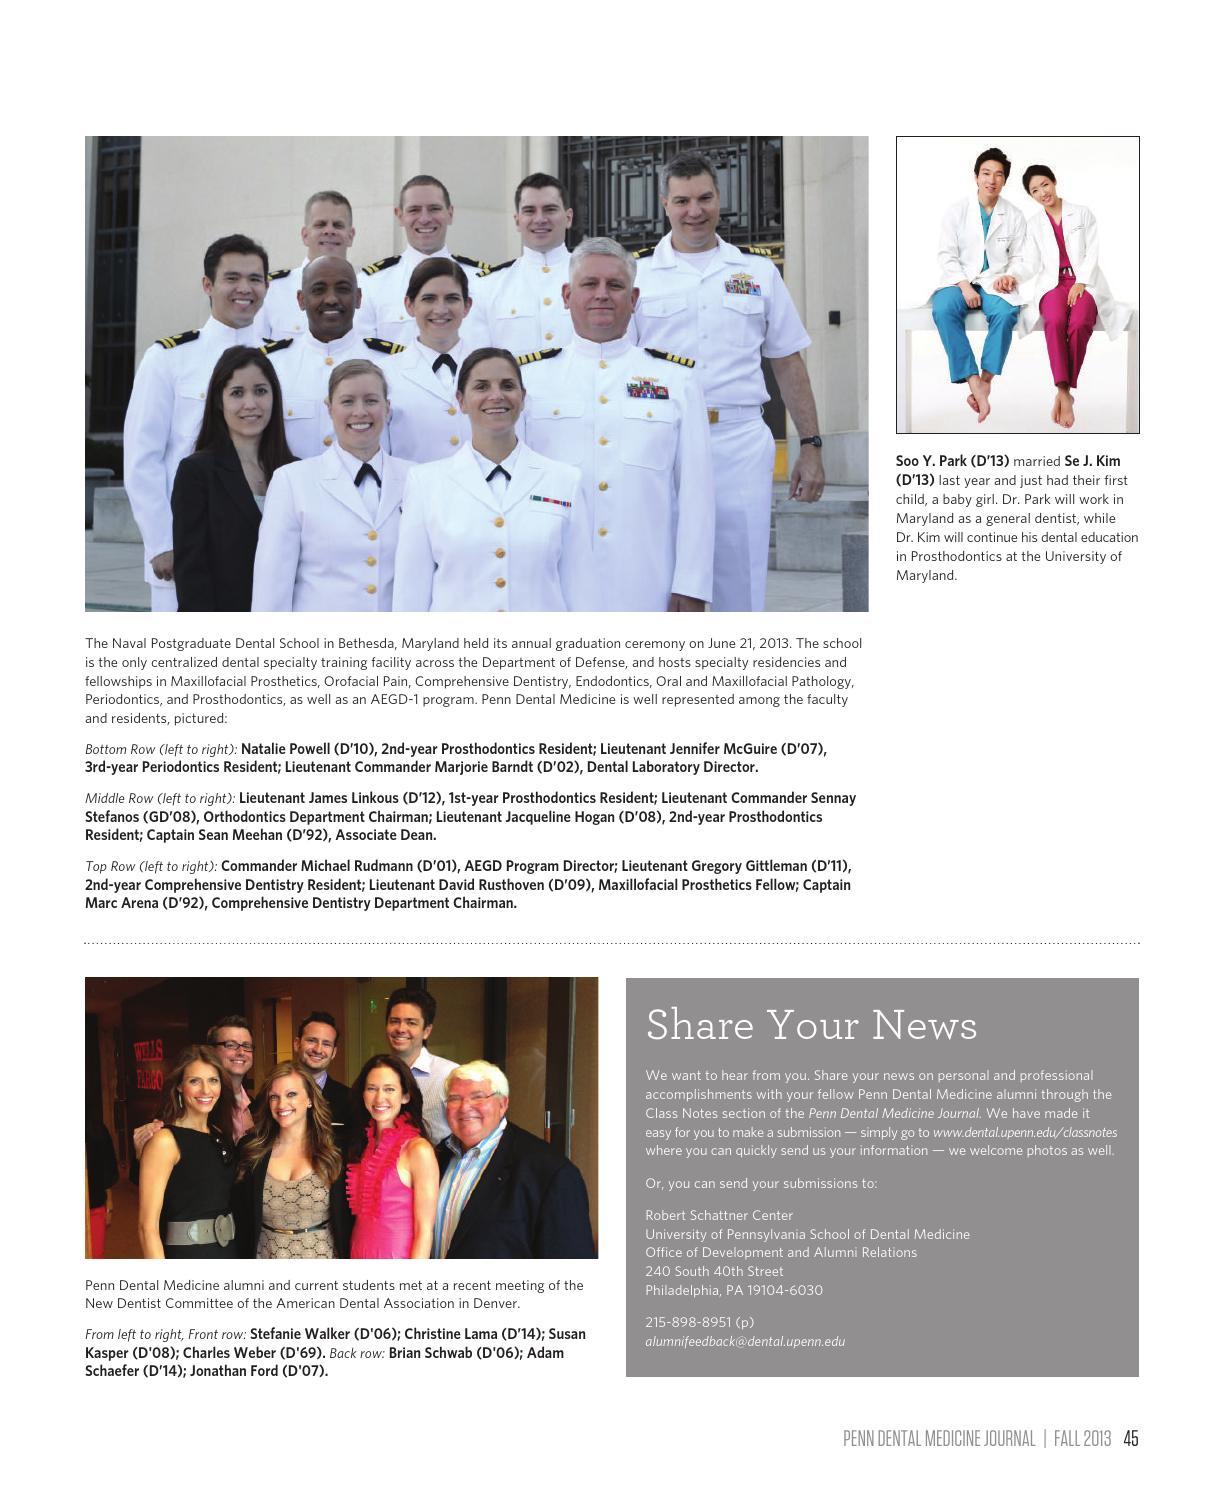 Penn Dental Medicine Journal, Fall 2013 by Penn Dental